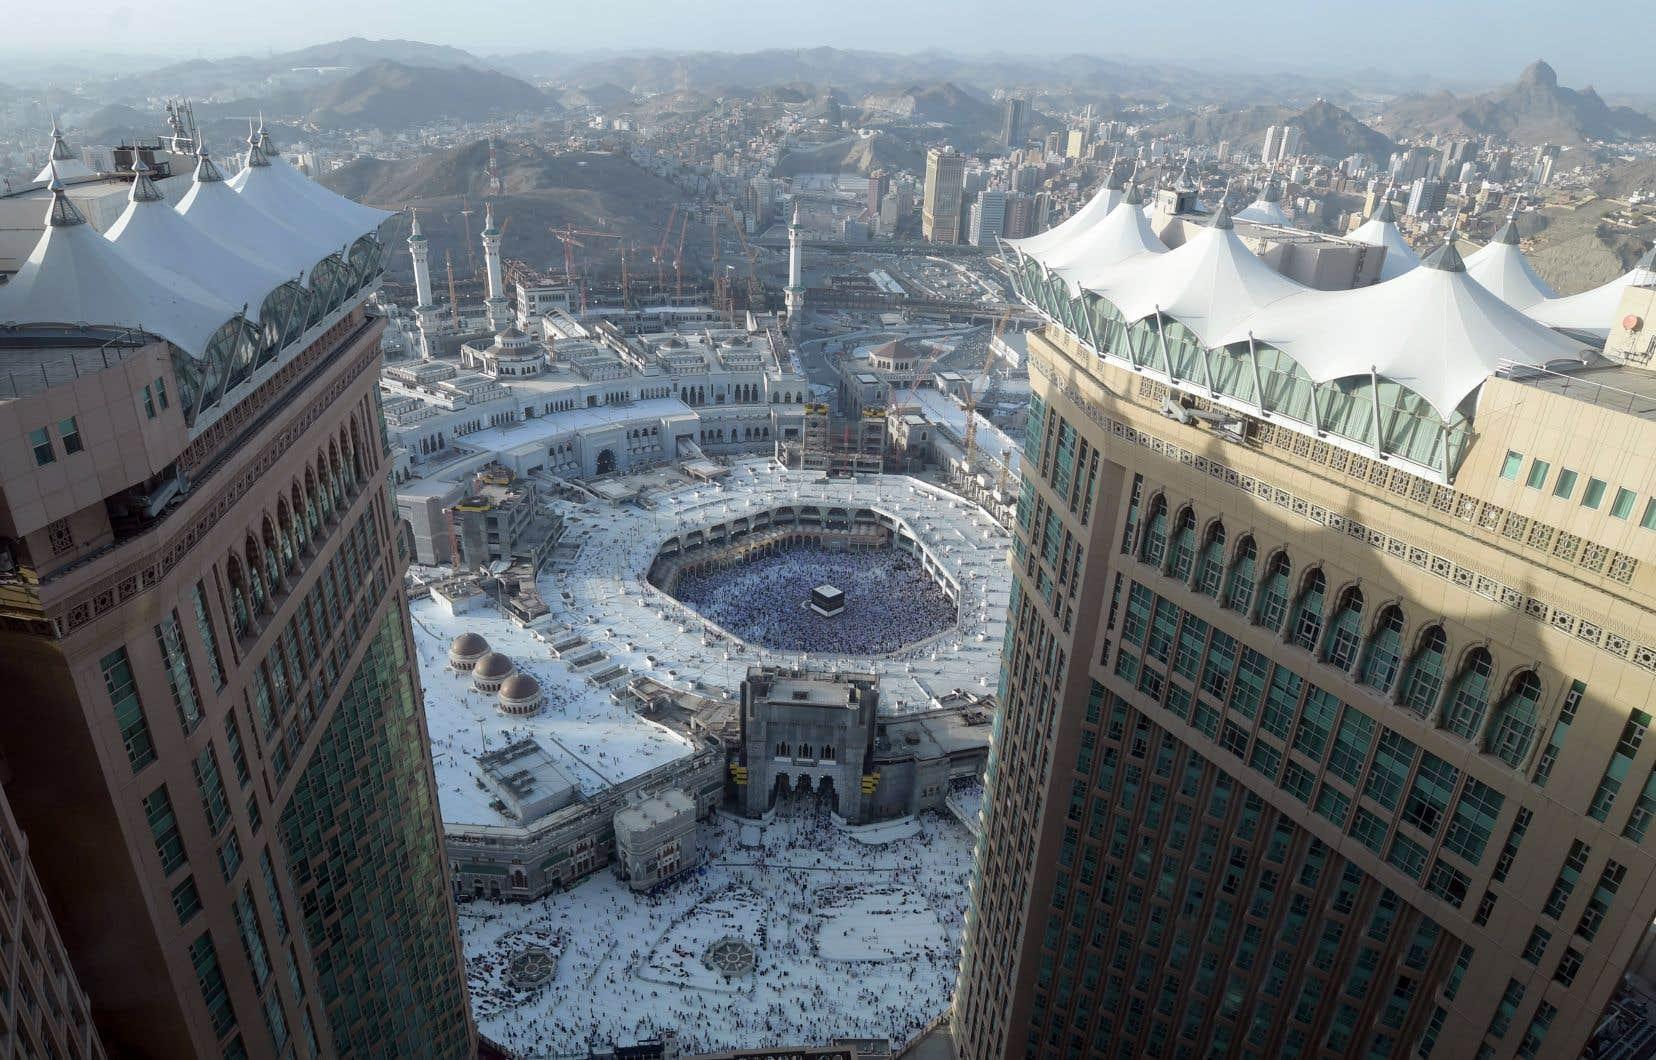 <p>En tout, quelque 2,5millions de pèlerins, étrangers ou vivant en Arabie saoudite, doivent accomplir cette année le <em>hajj</em>, selon la presse locale.</p>